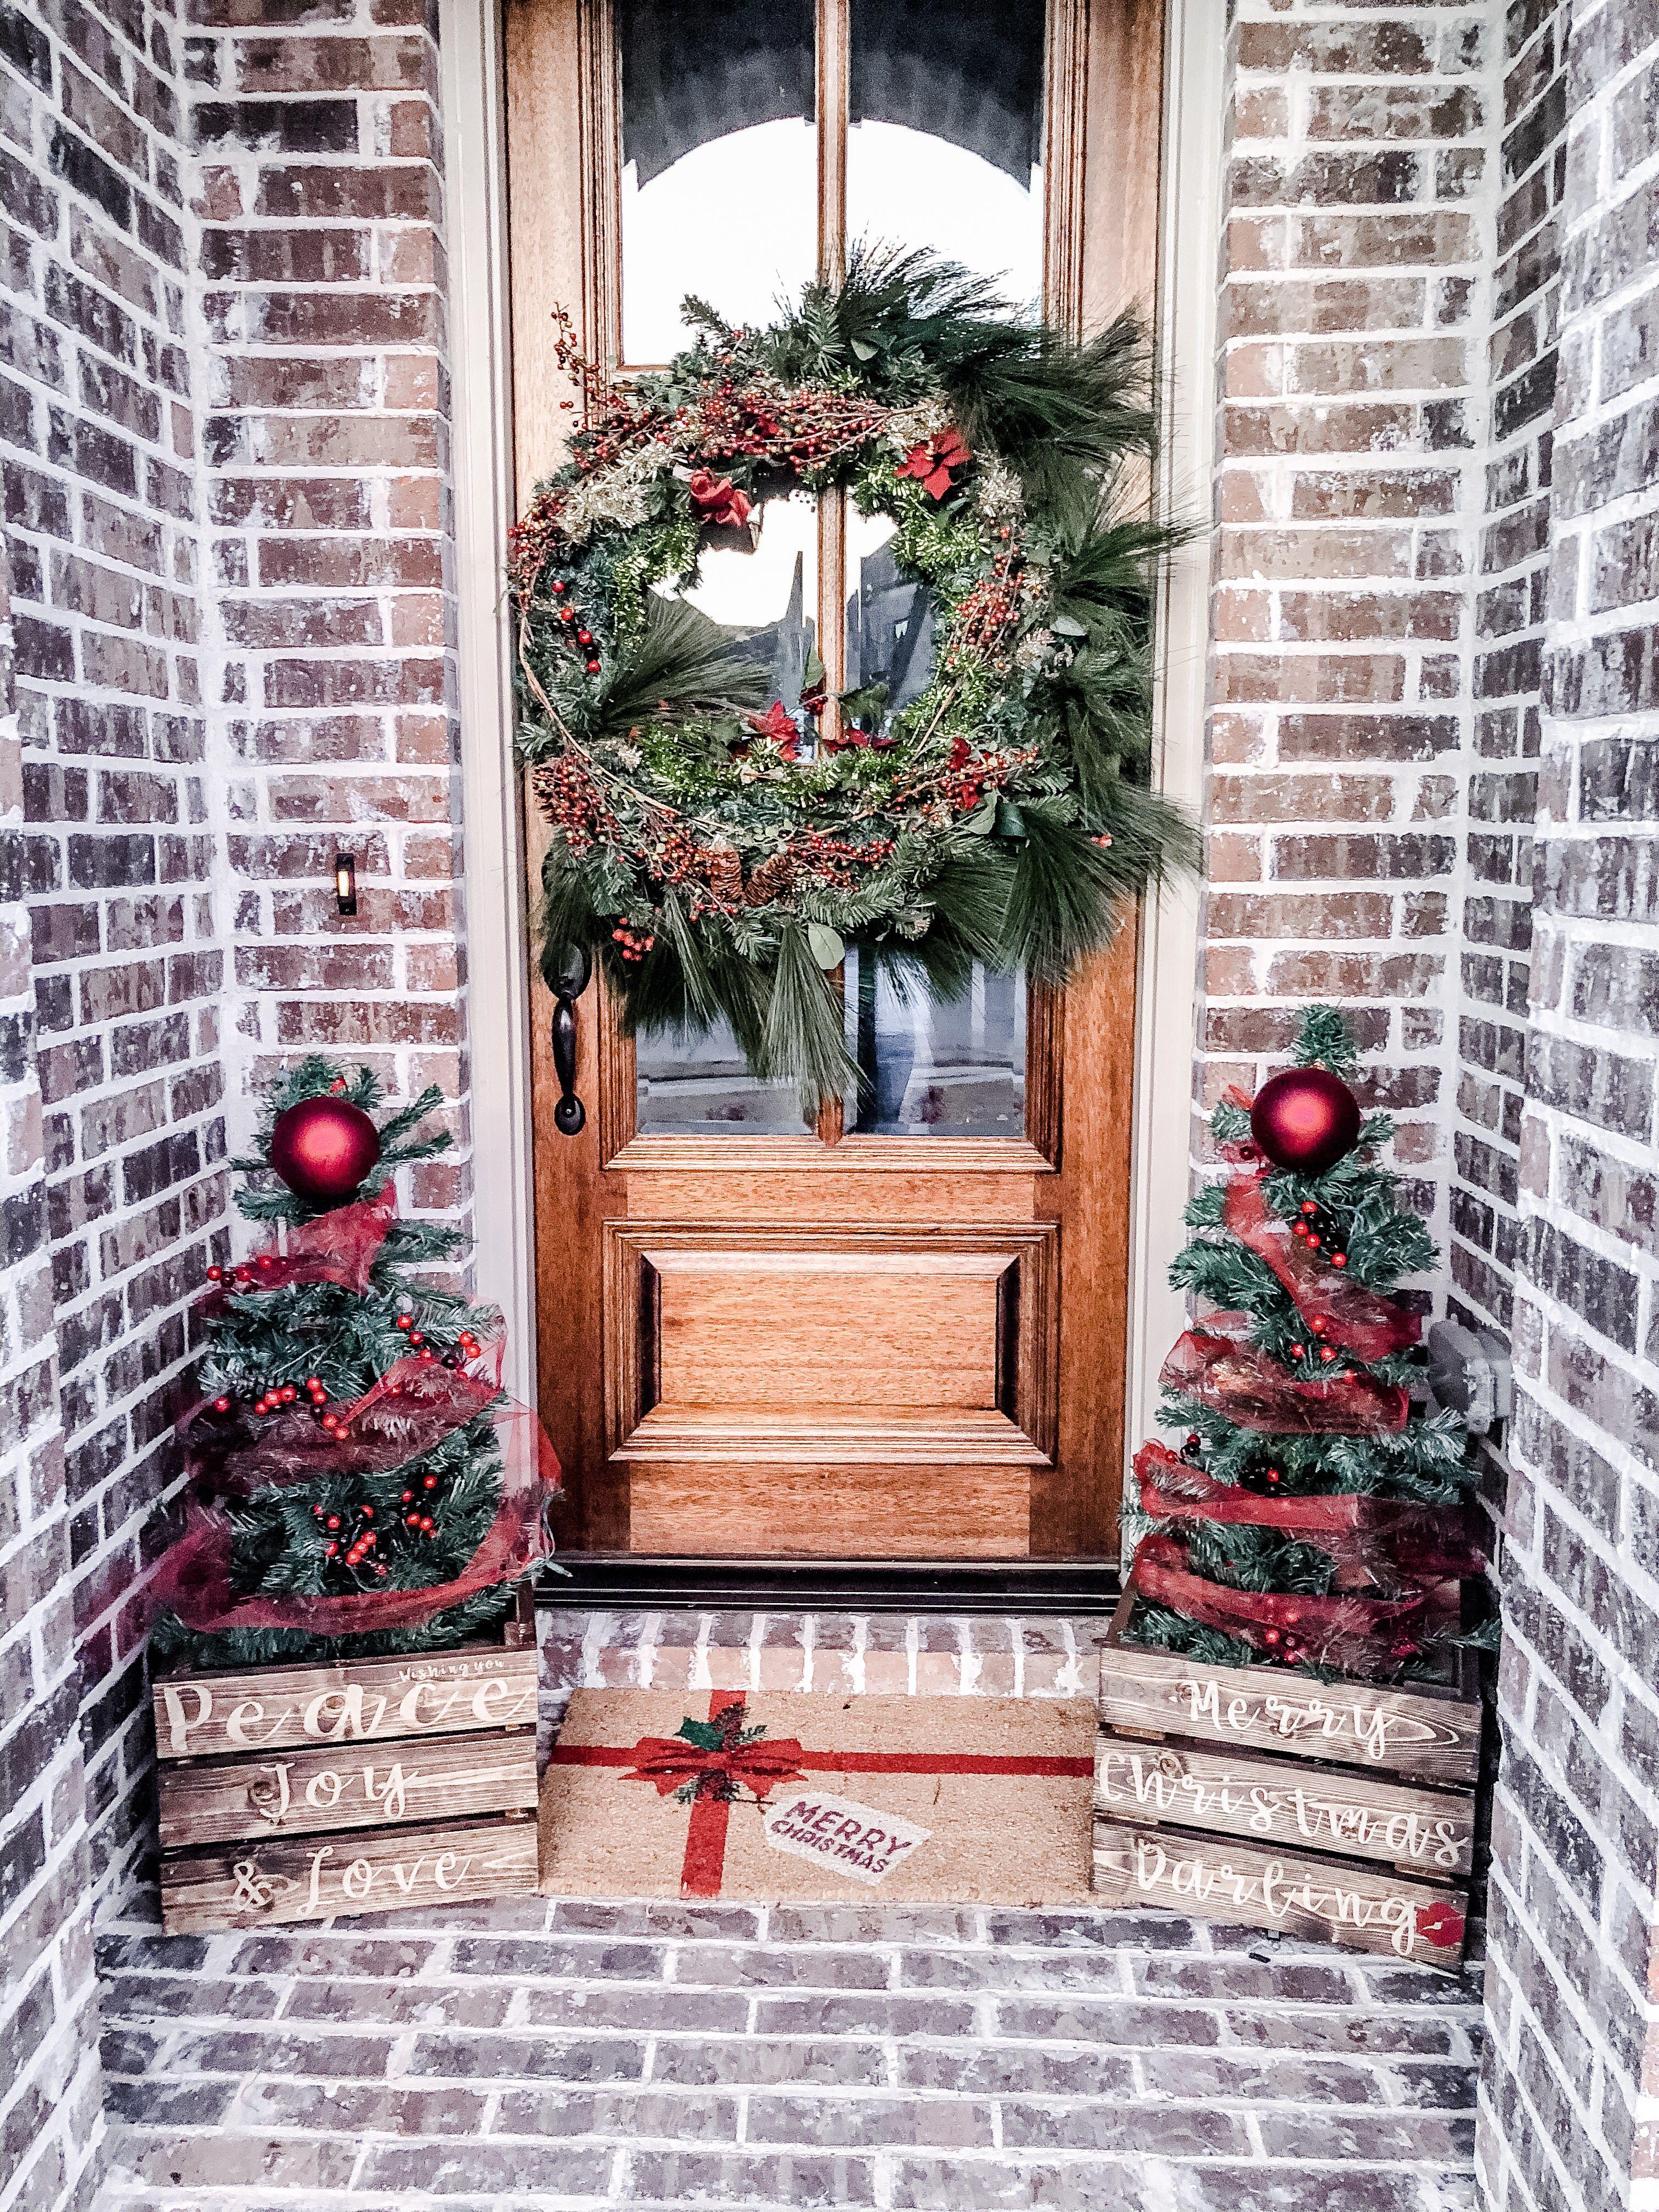 DIY Wreath and Christmas Tree Box Stand Christmas decor